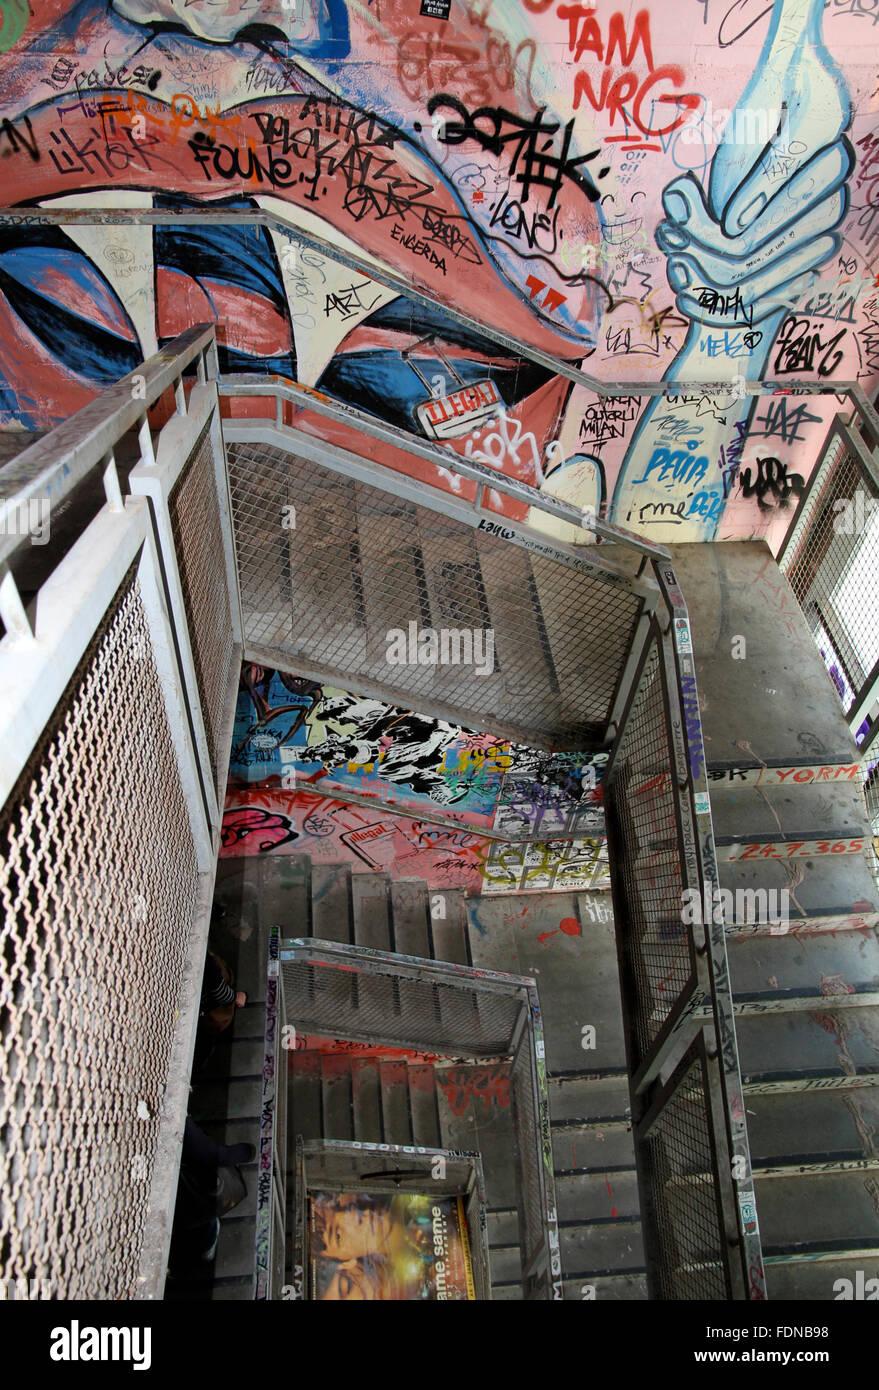 graffiti,subculture,stairway Stock Photo